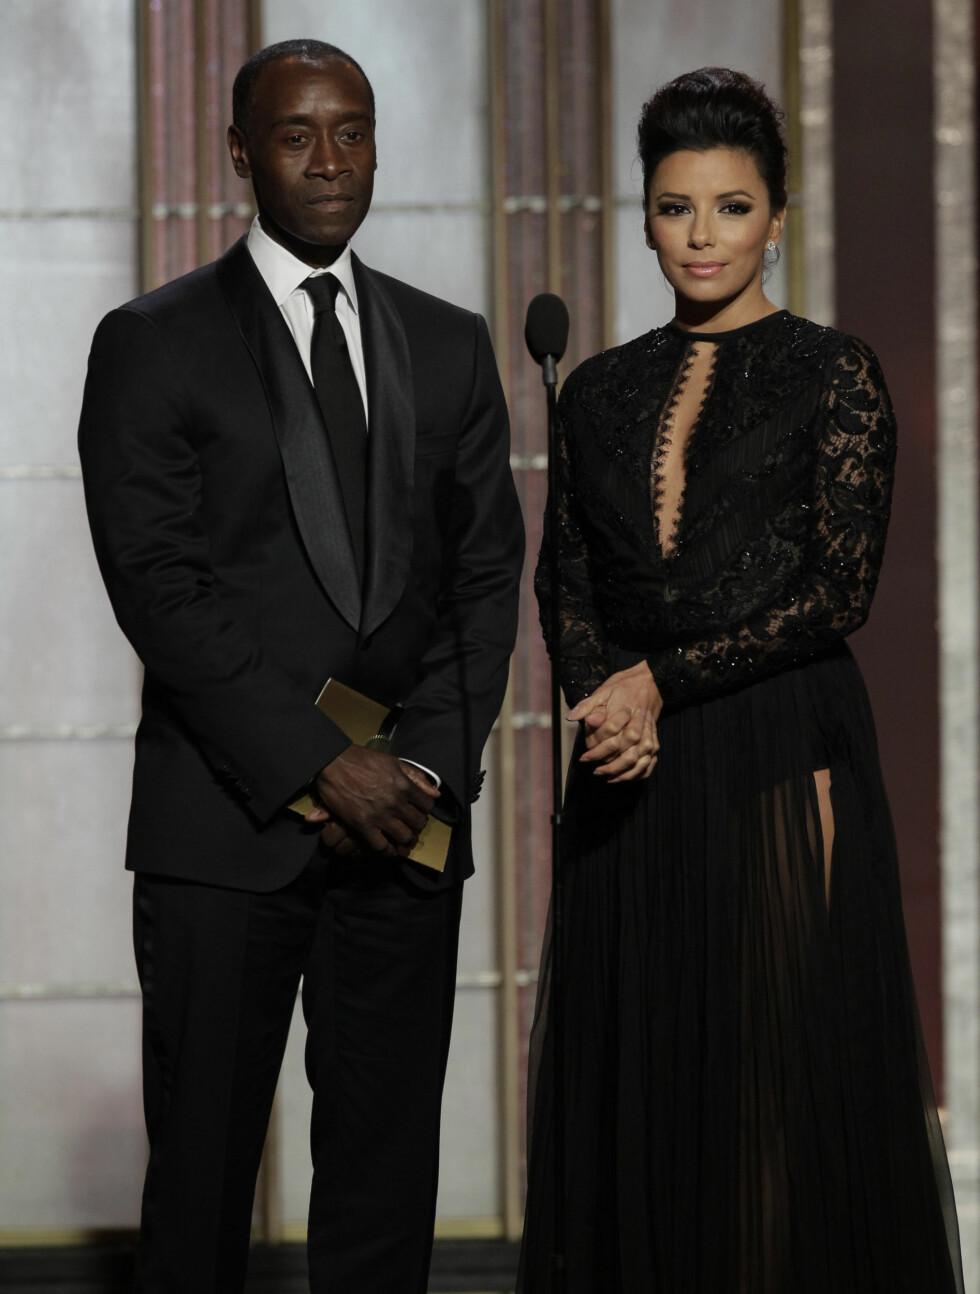 PÅ SCENEN: Eva Longoria og skuespiller Don Cheadle delte ut pris under Golden Globe-utdelingen. Foto: All Over Press